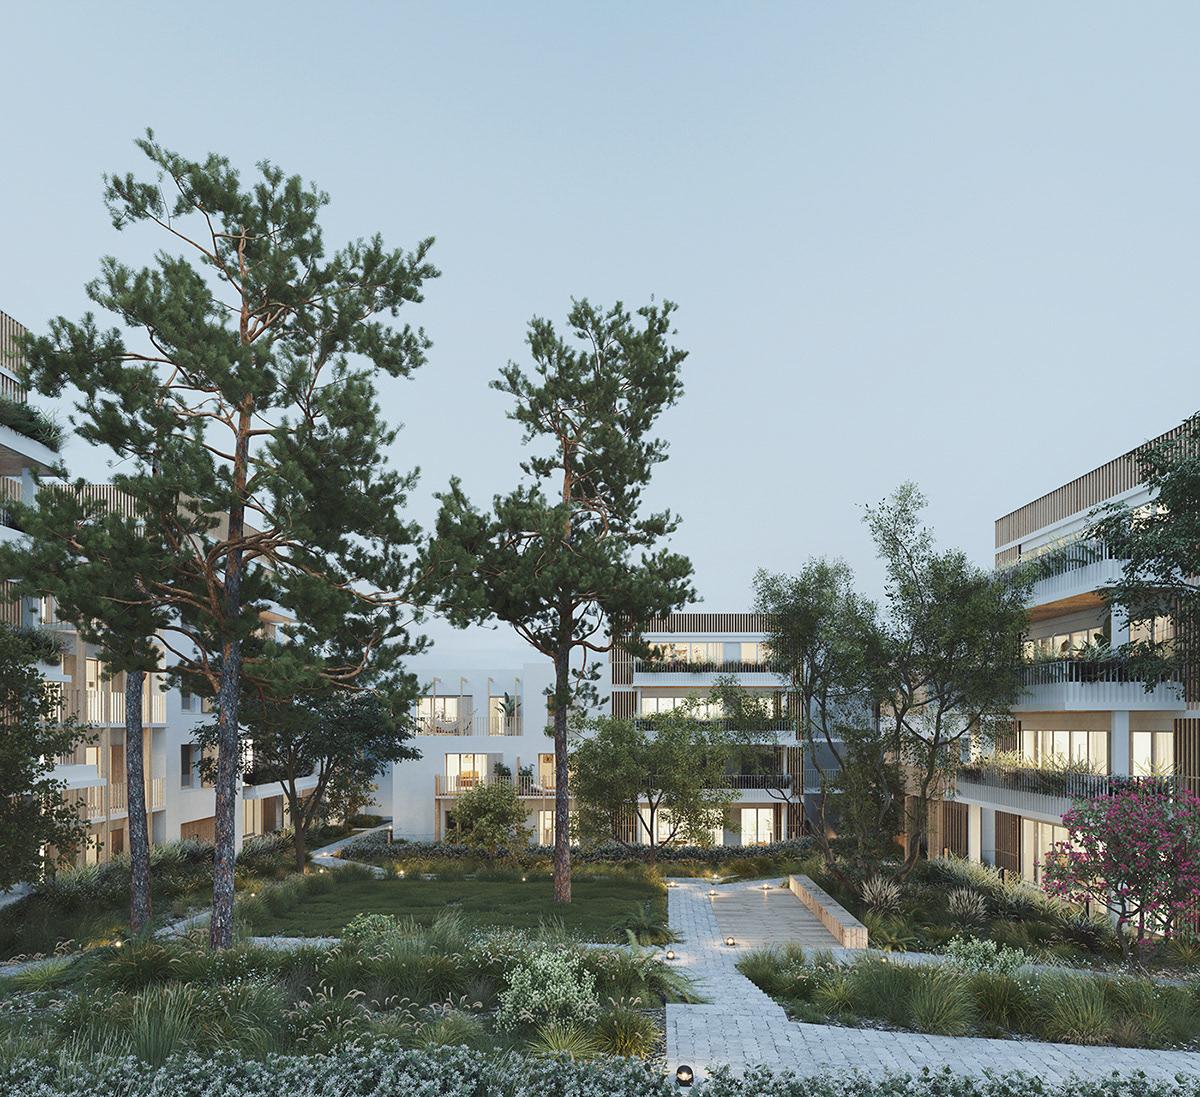 Noisy Le Grand Architecture vincentvacker - woodeum/quinton/saroam-noisy le grand